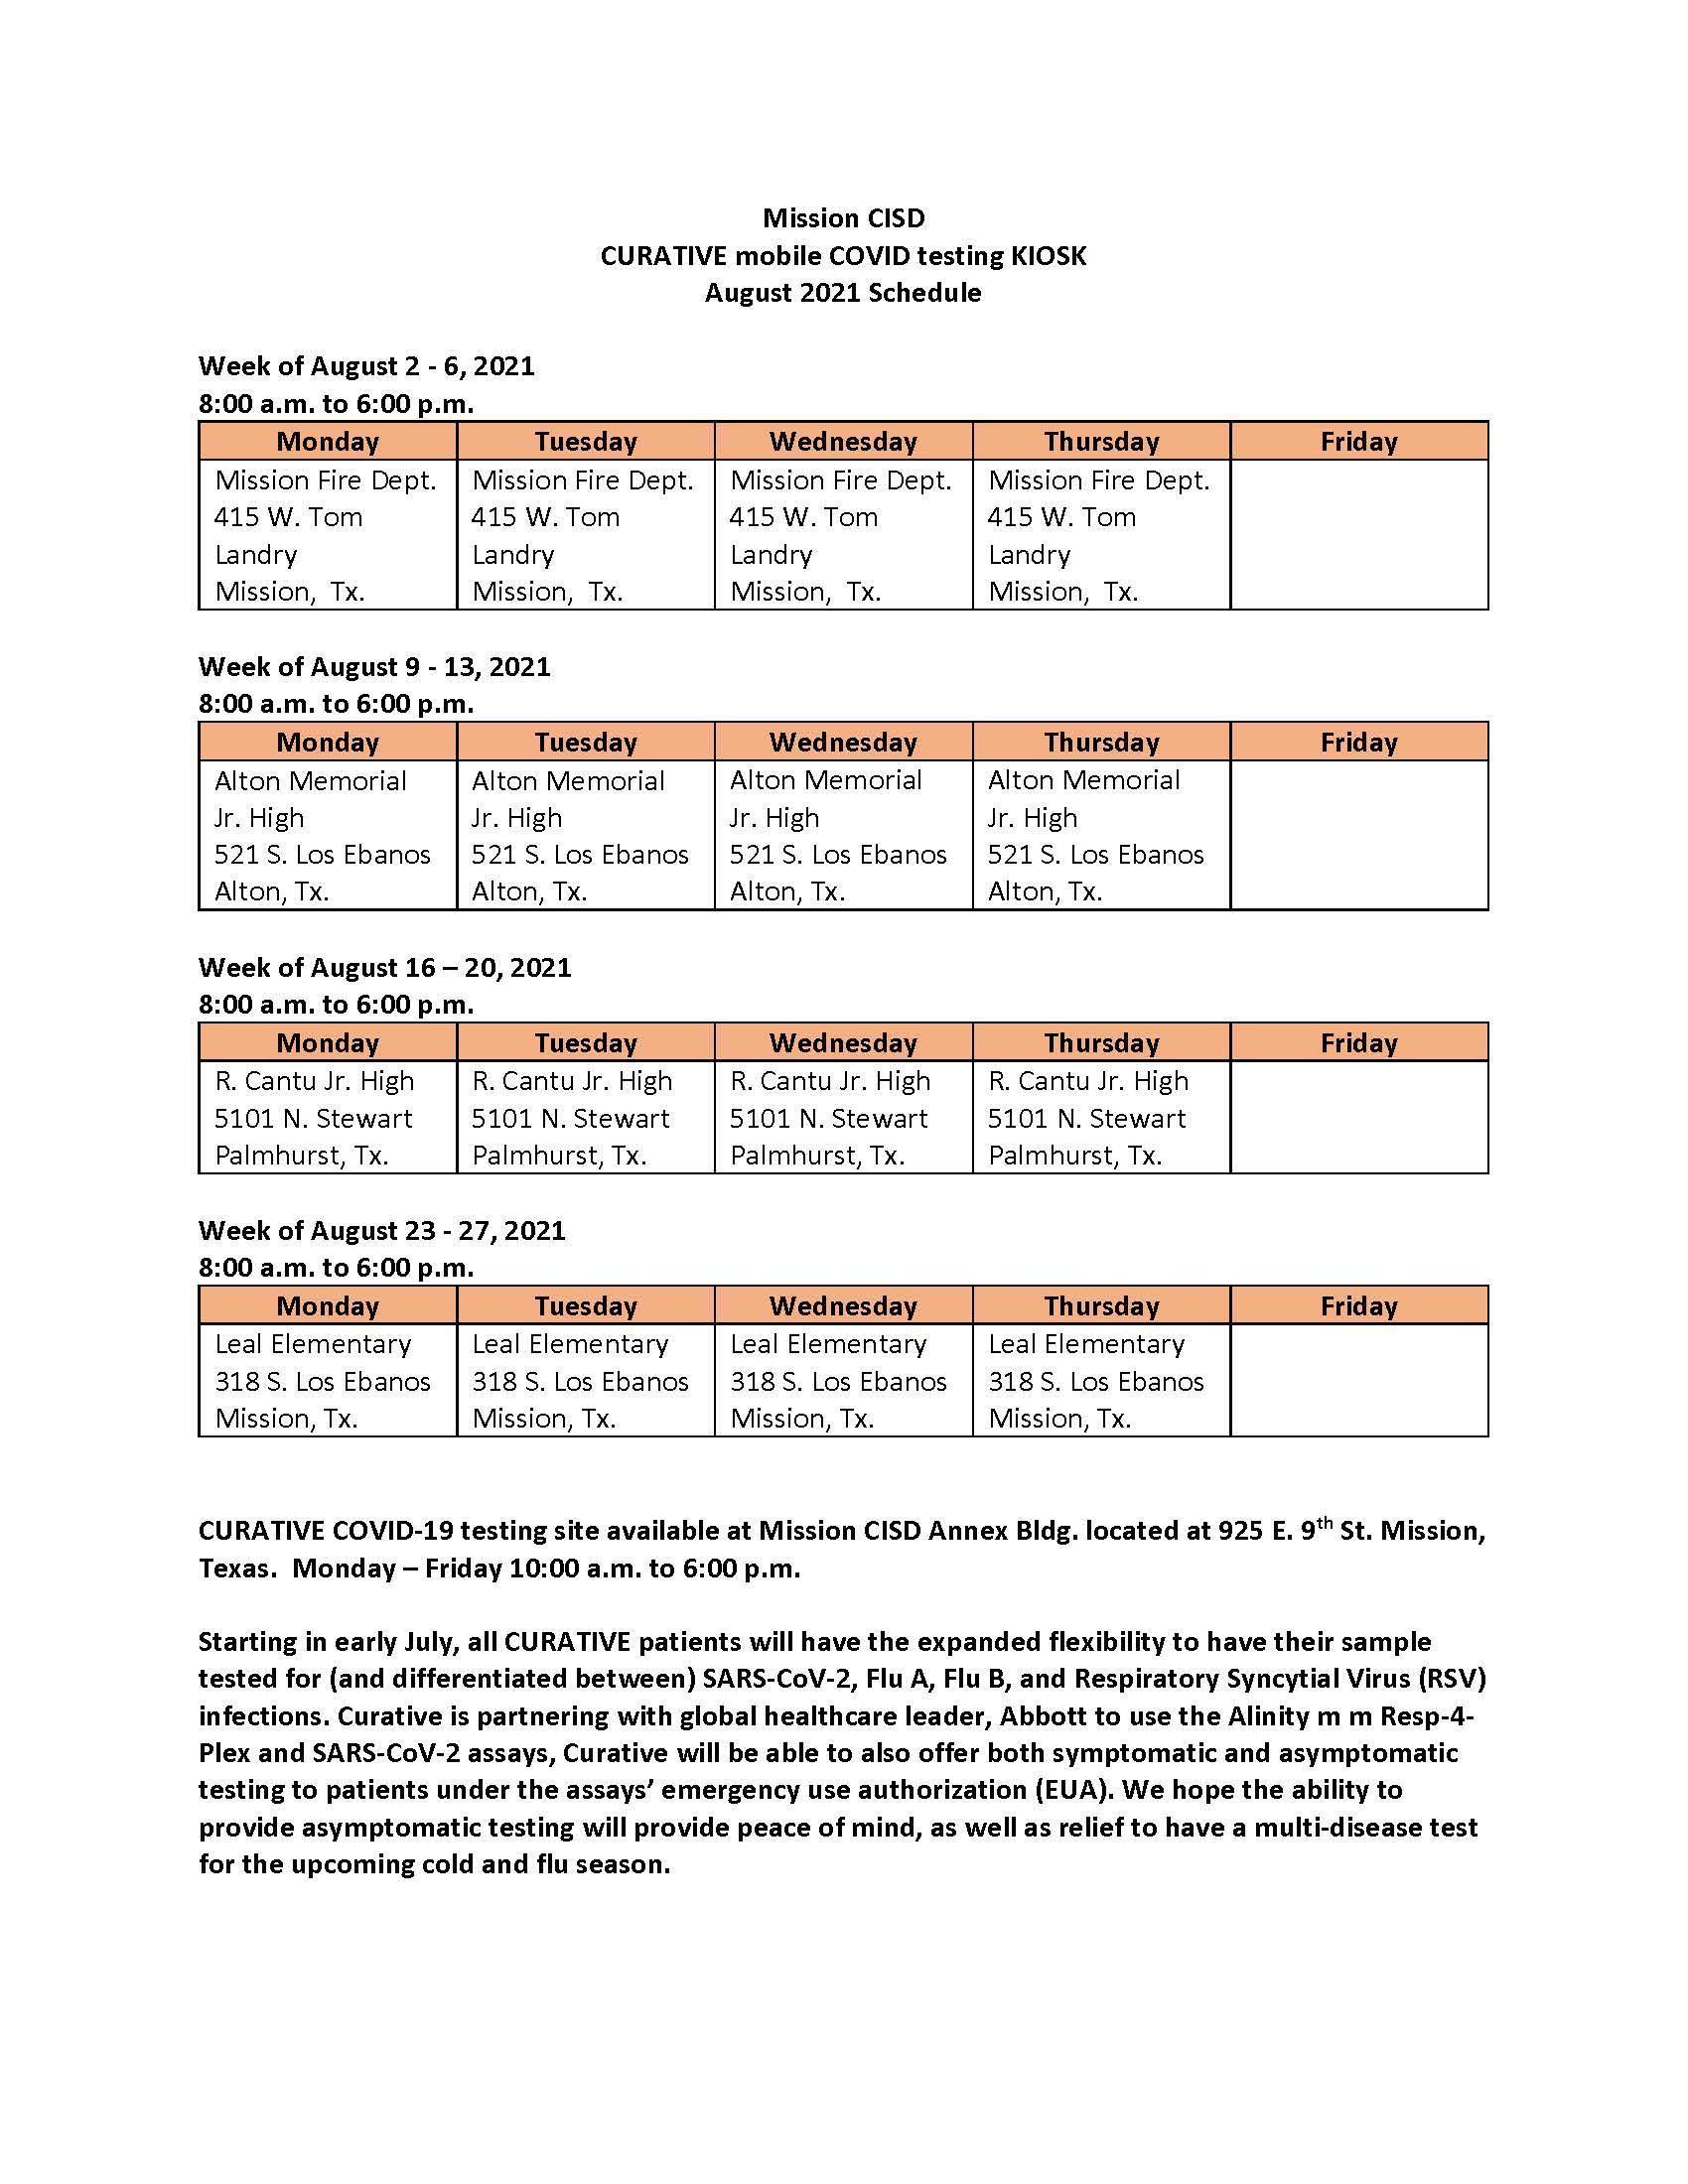 COVID Test Schedule